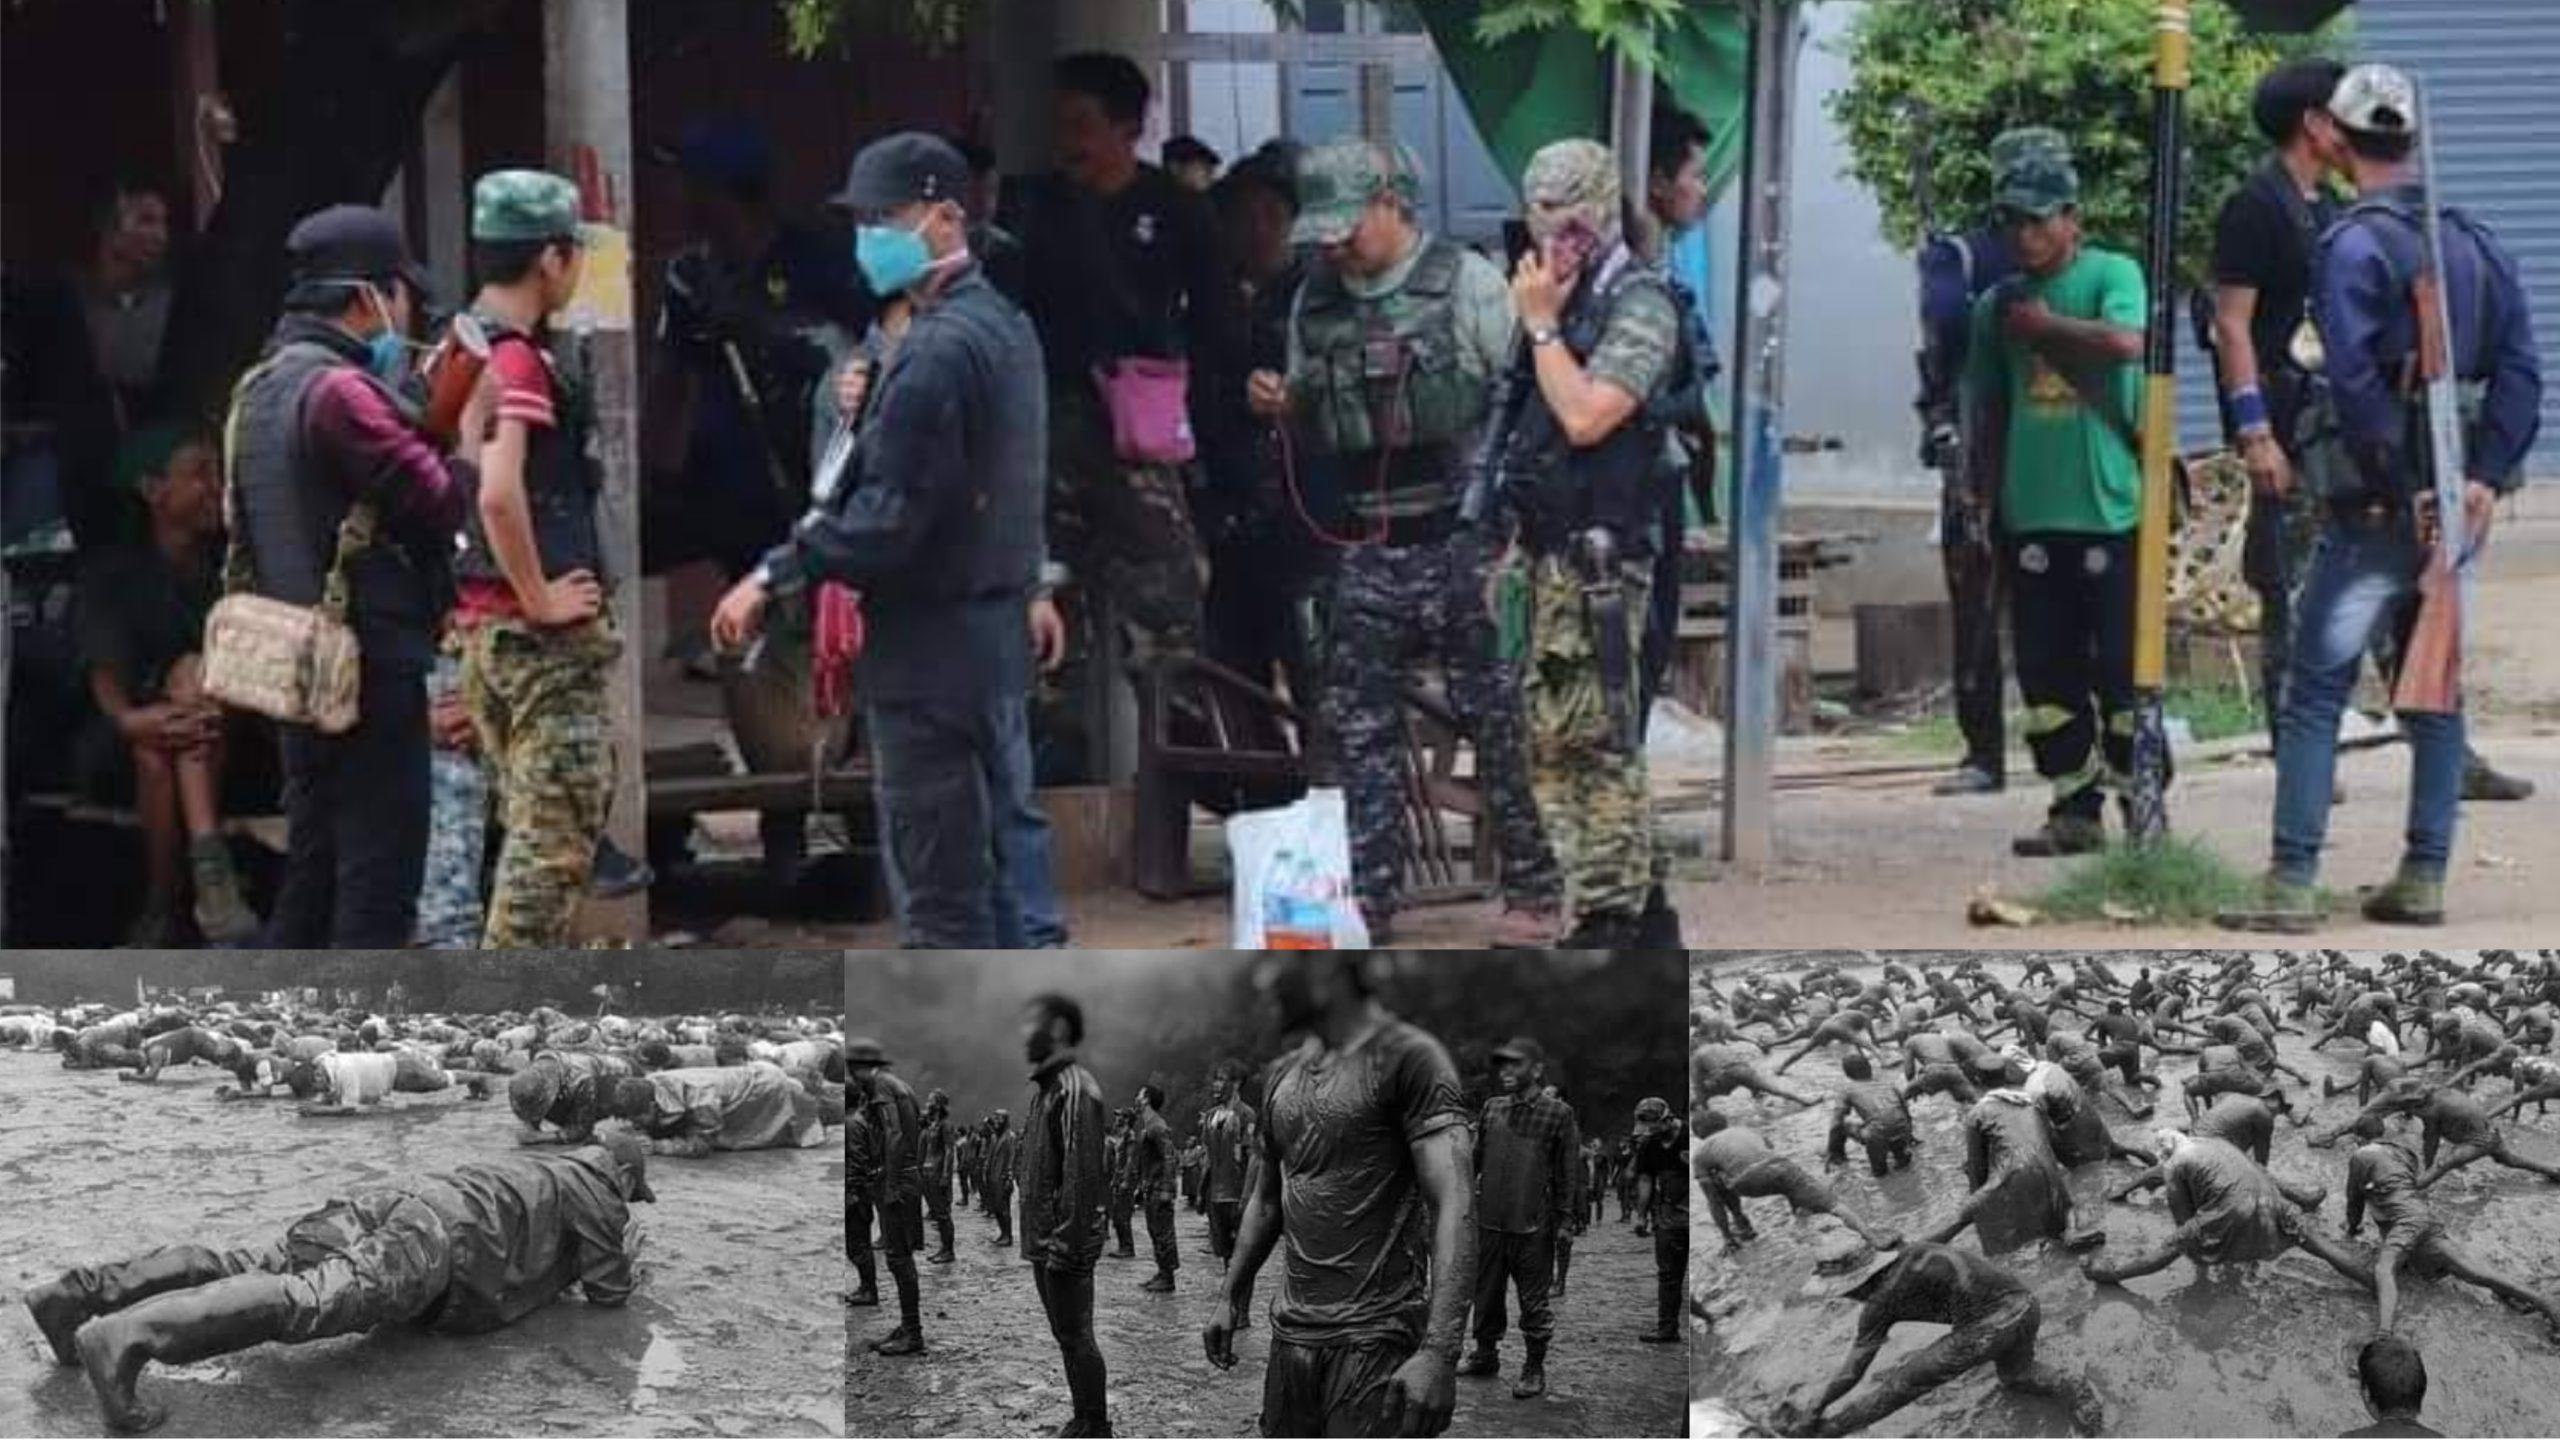 ပြည်သူတွေကိုနည်းမျိုးစုံနှိပ်စက်နေတဲ့ စစ်အုပ်စုကို ပြင်းပြင်းထန်ထန် တိုက်ခိုက်မယ်လို့ KNDF ထုတ်ပြန်